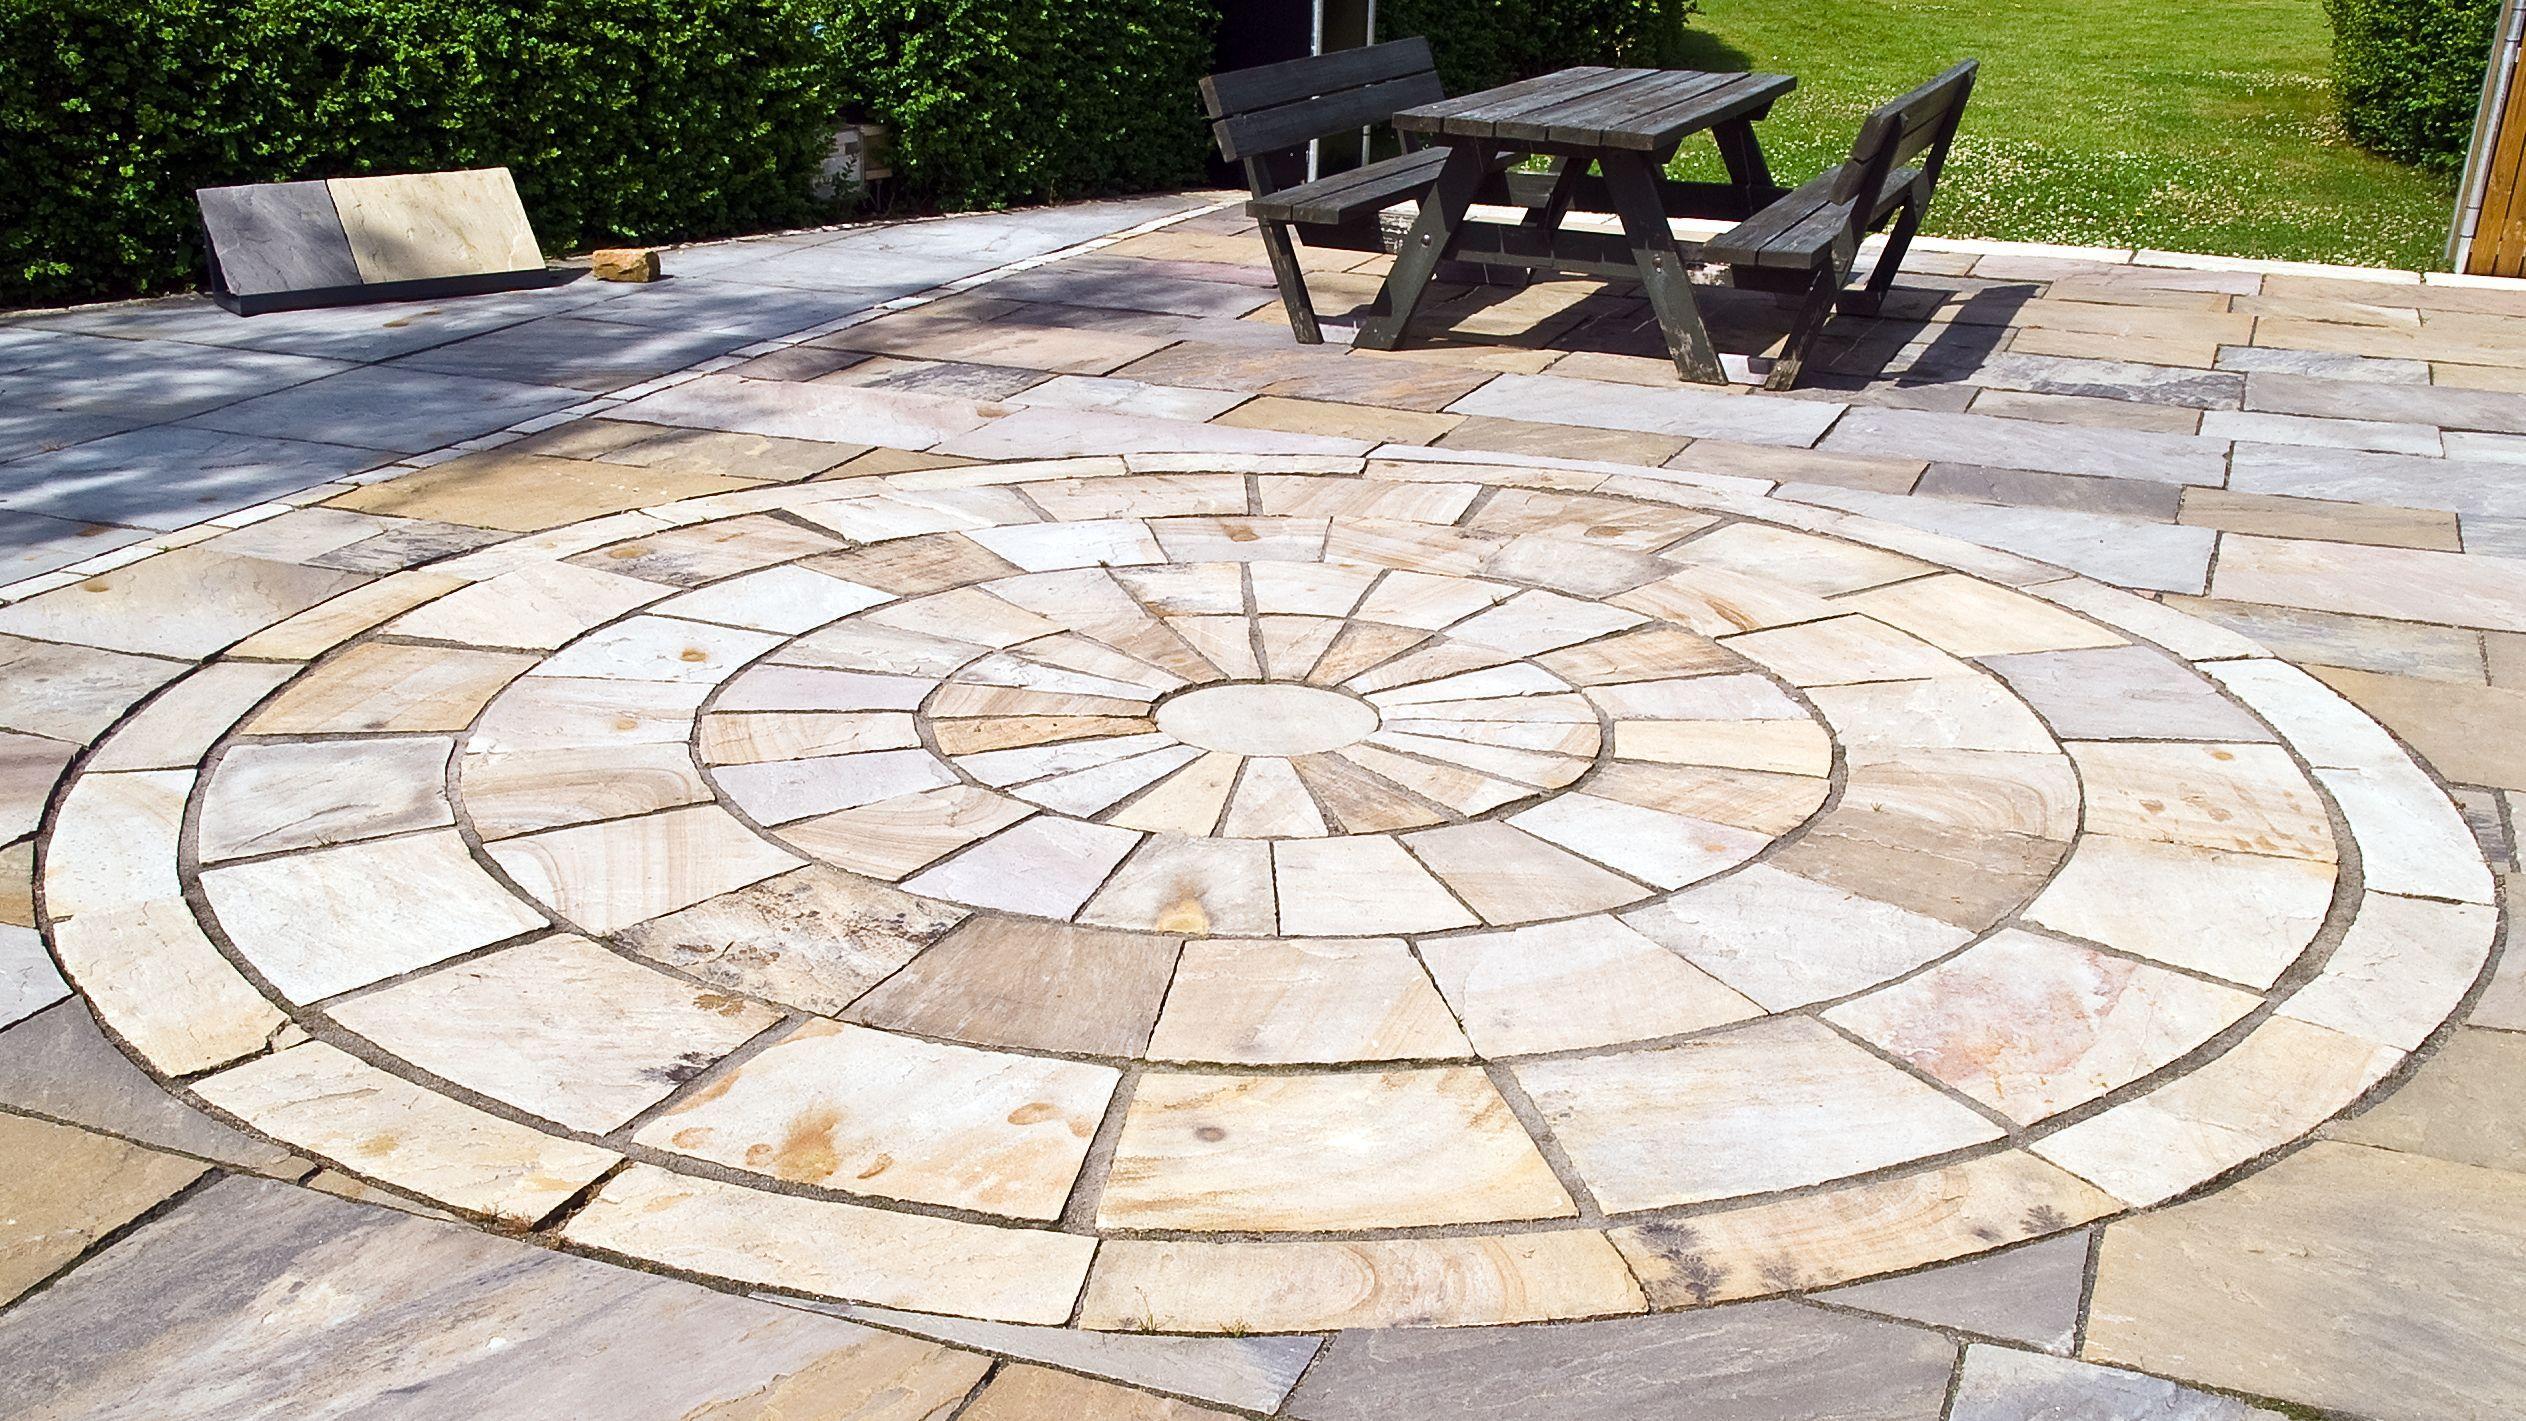 Come scegliere un rivestimento per pavimenti esterni